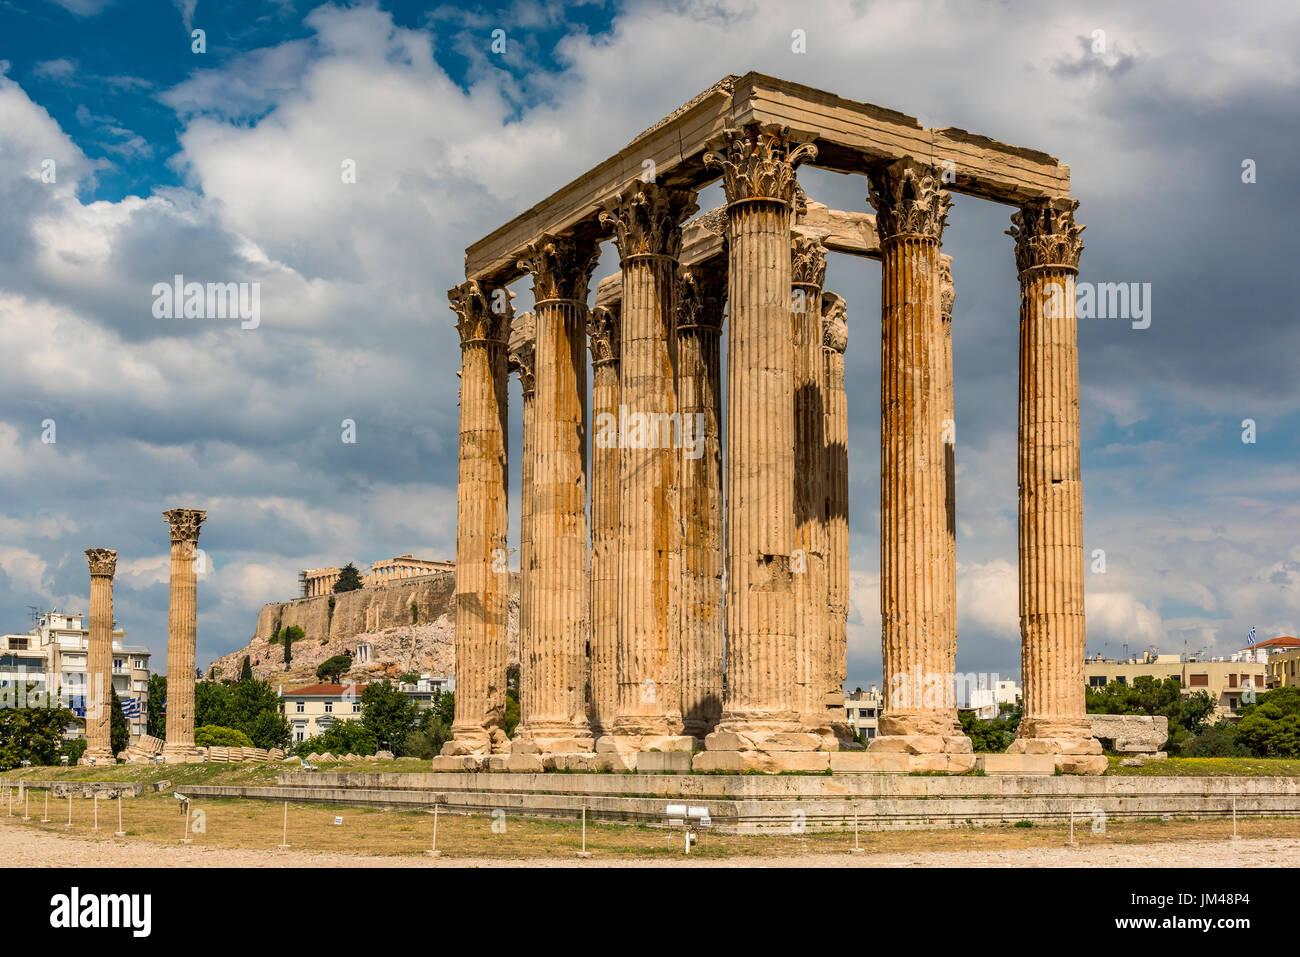 Tempel des Olympischen Zeus oder Olympieion, Athen, Attika, Griechenland Stockbild